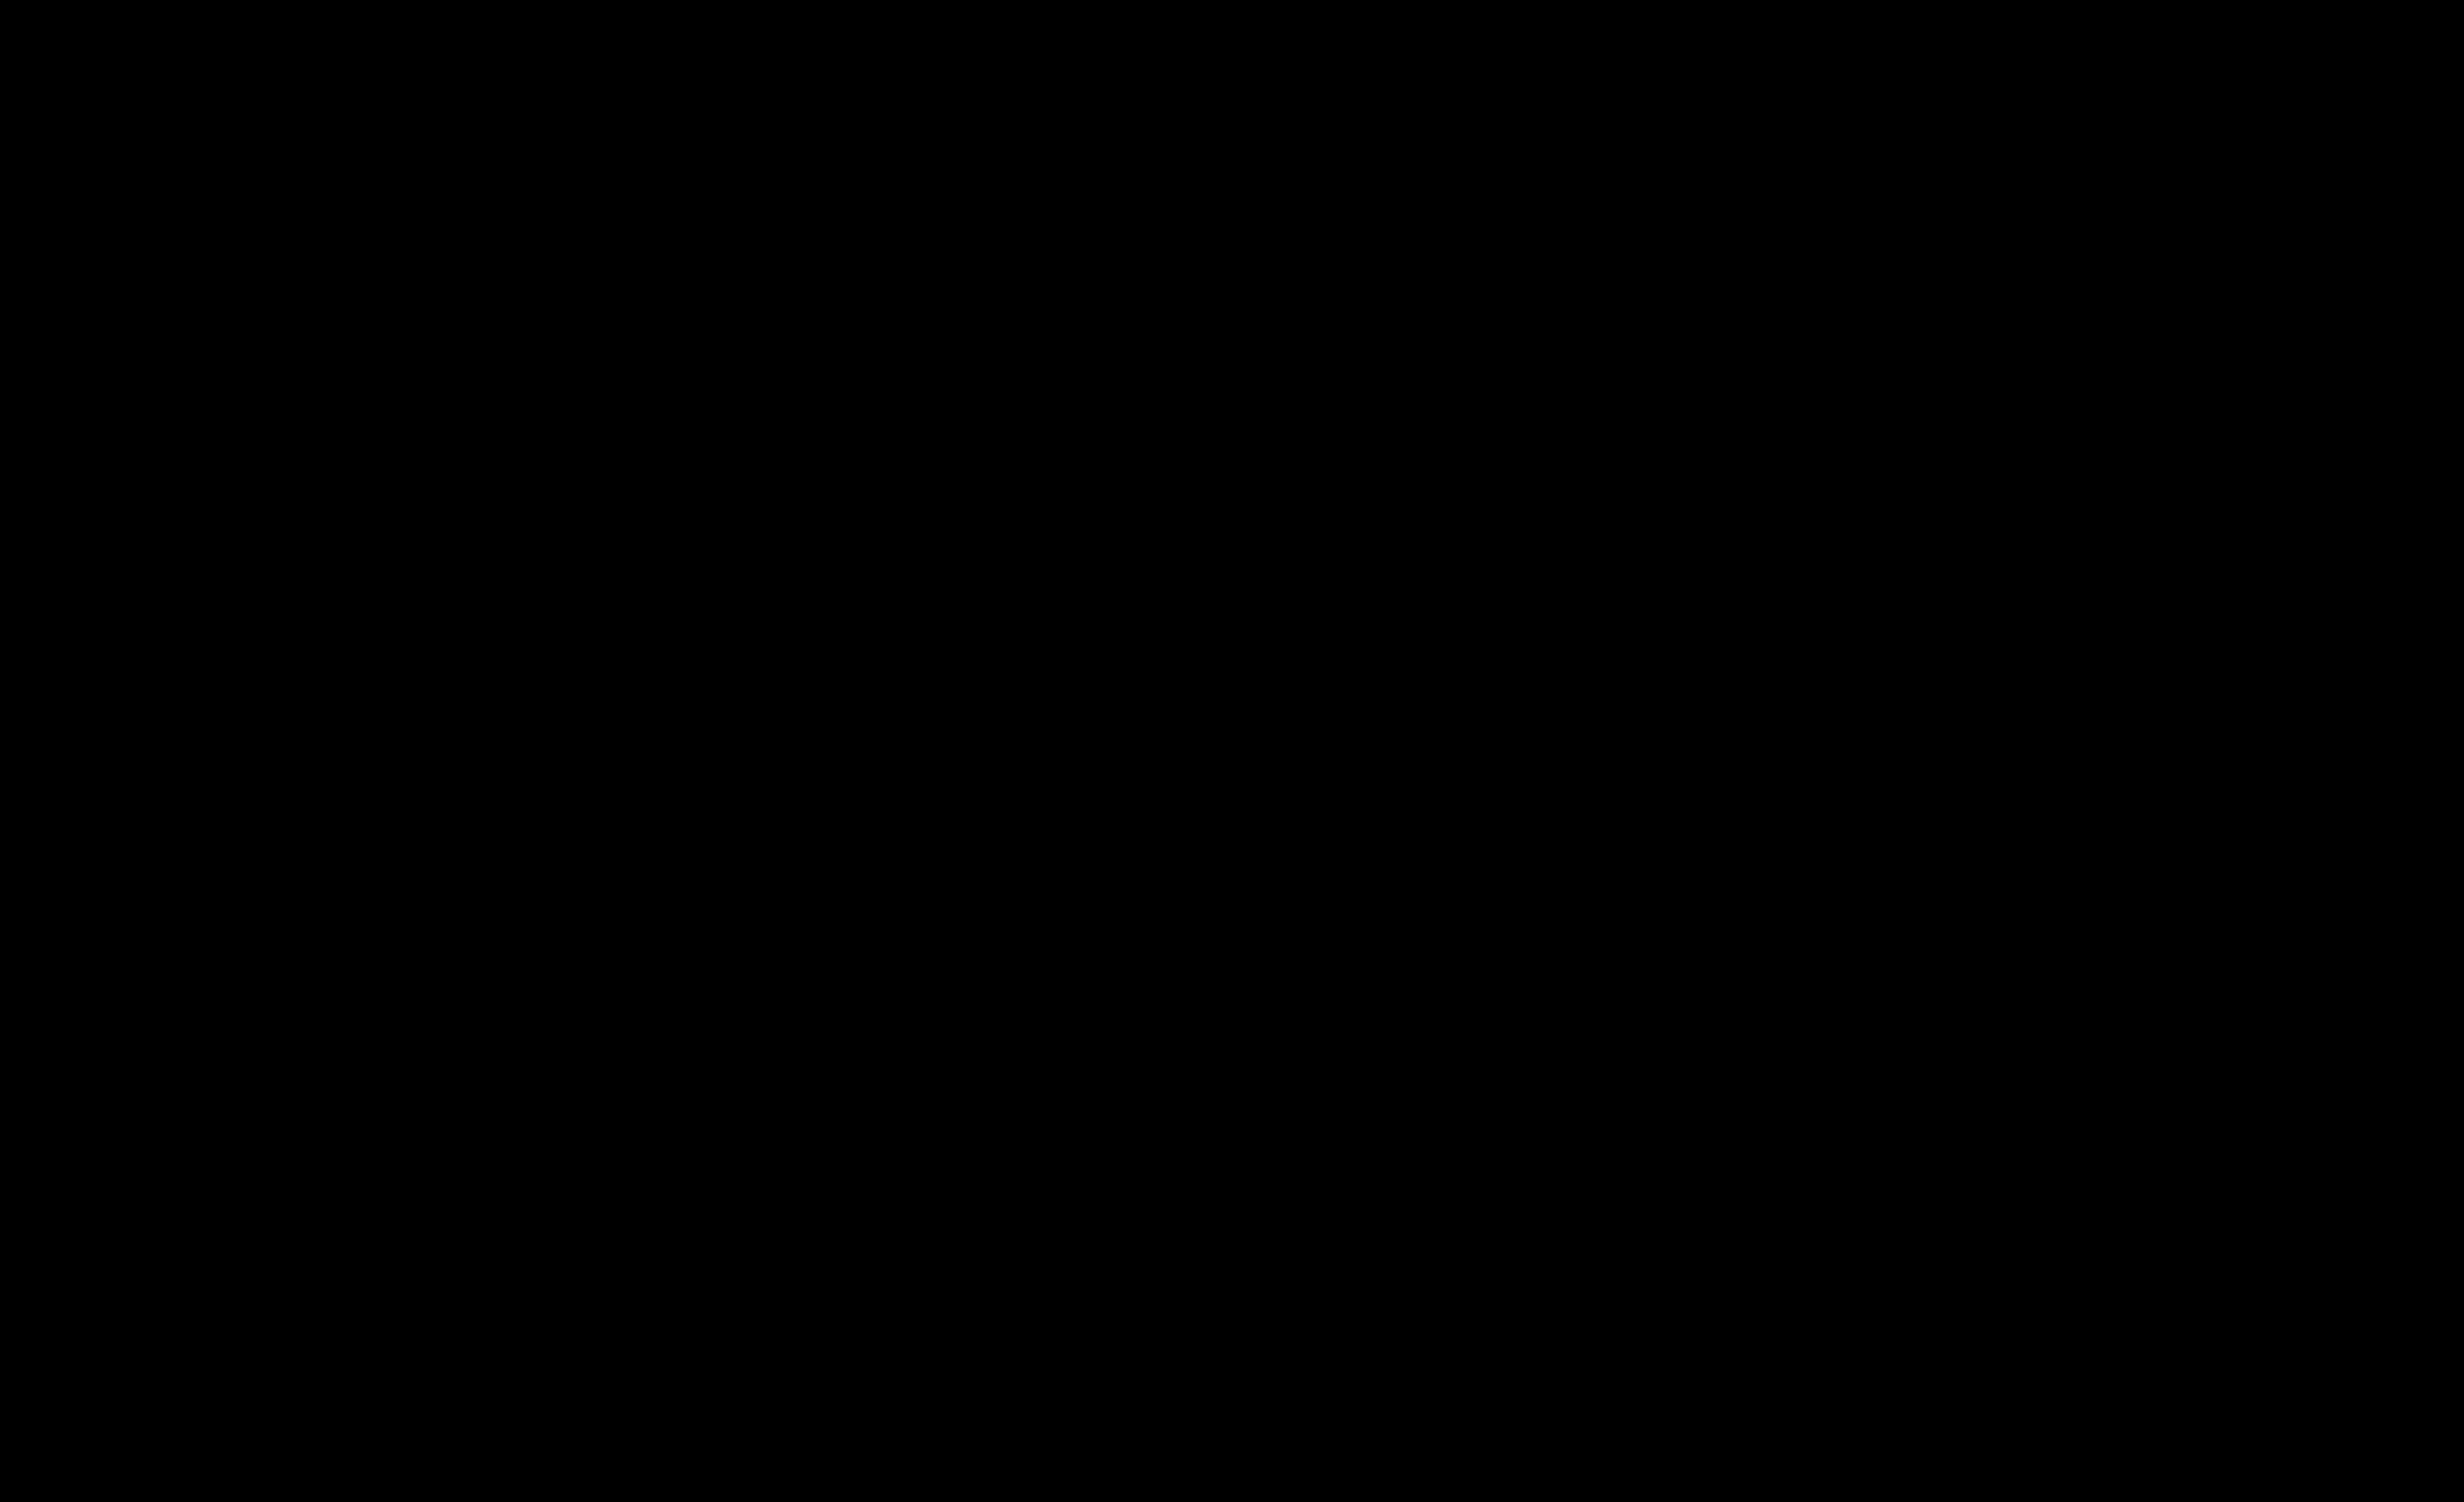 Riffchorusriff Signature